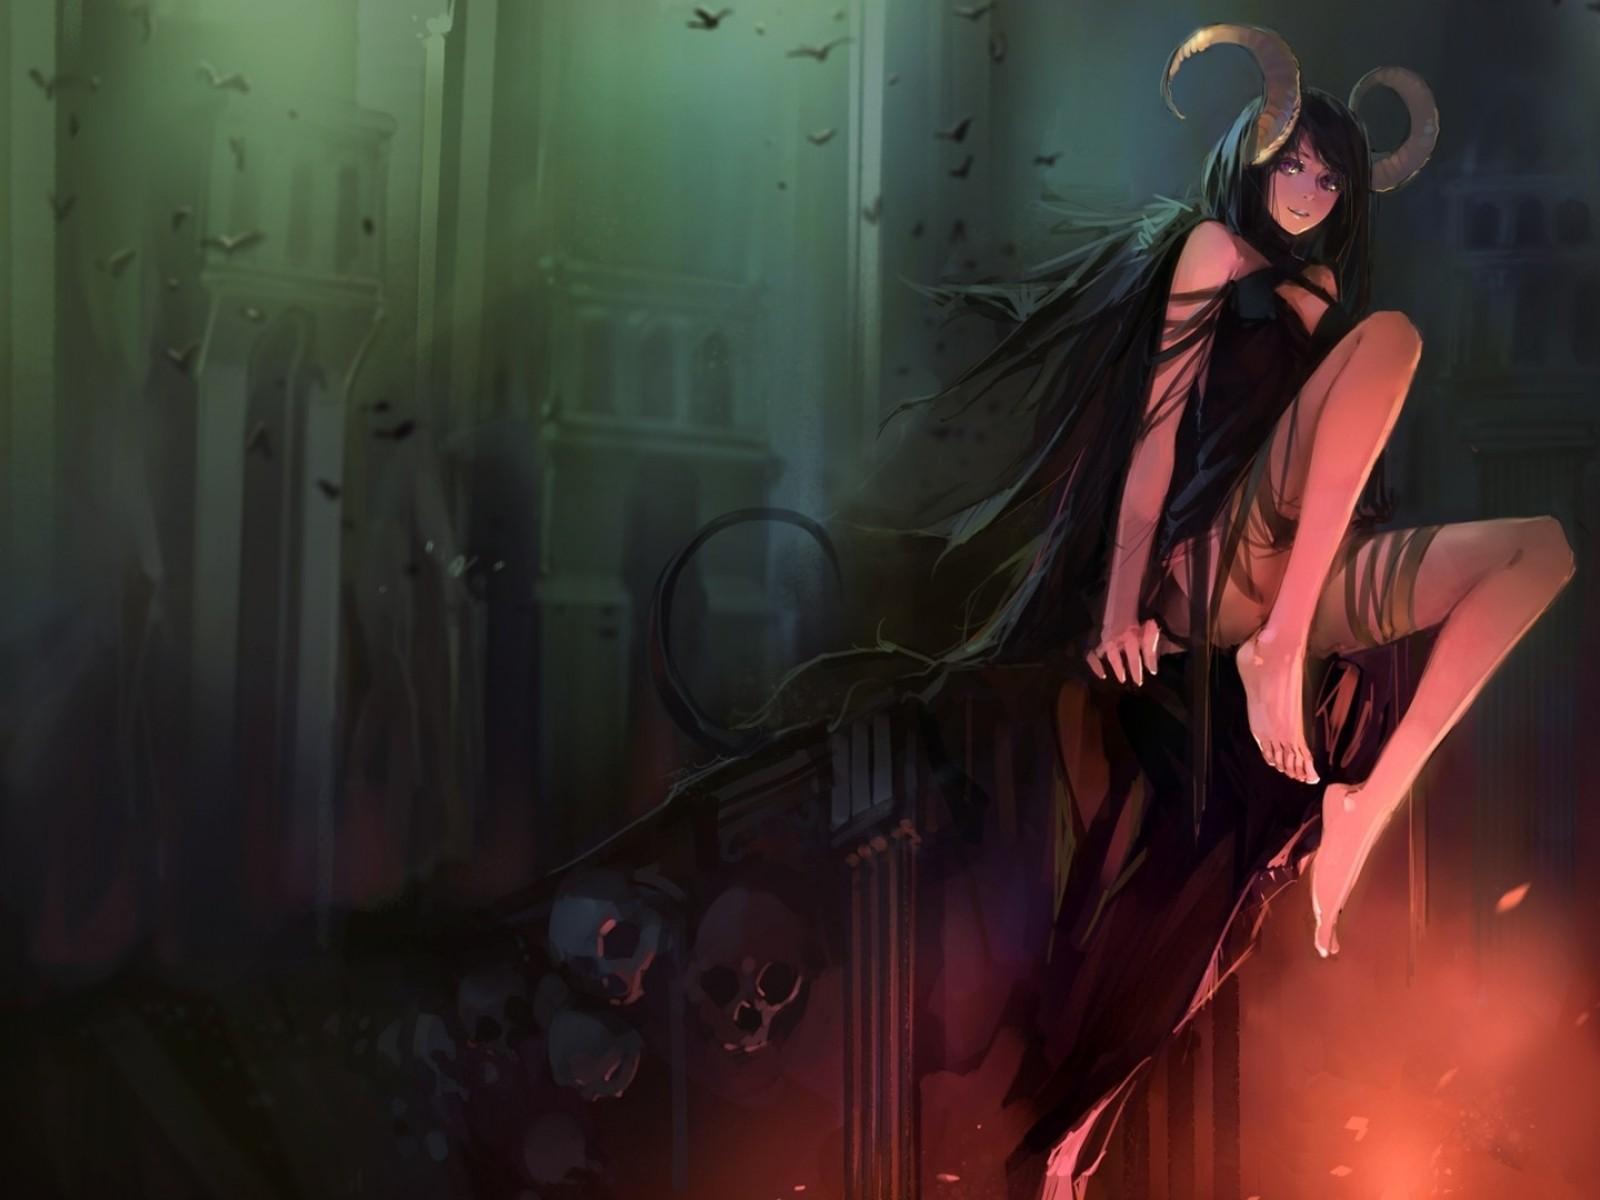 wallpaper : fantasy art, fantasy girl, anime girls, horns, skull